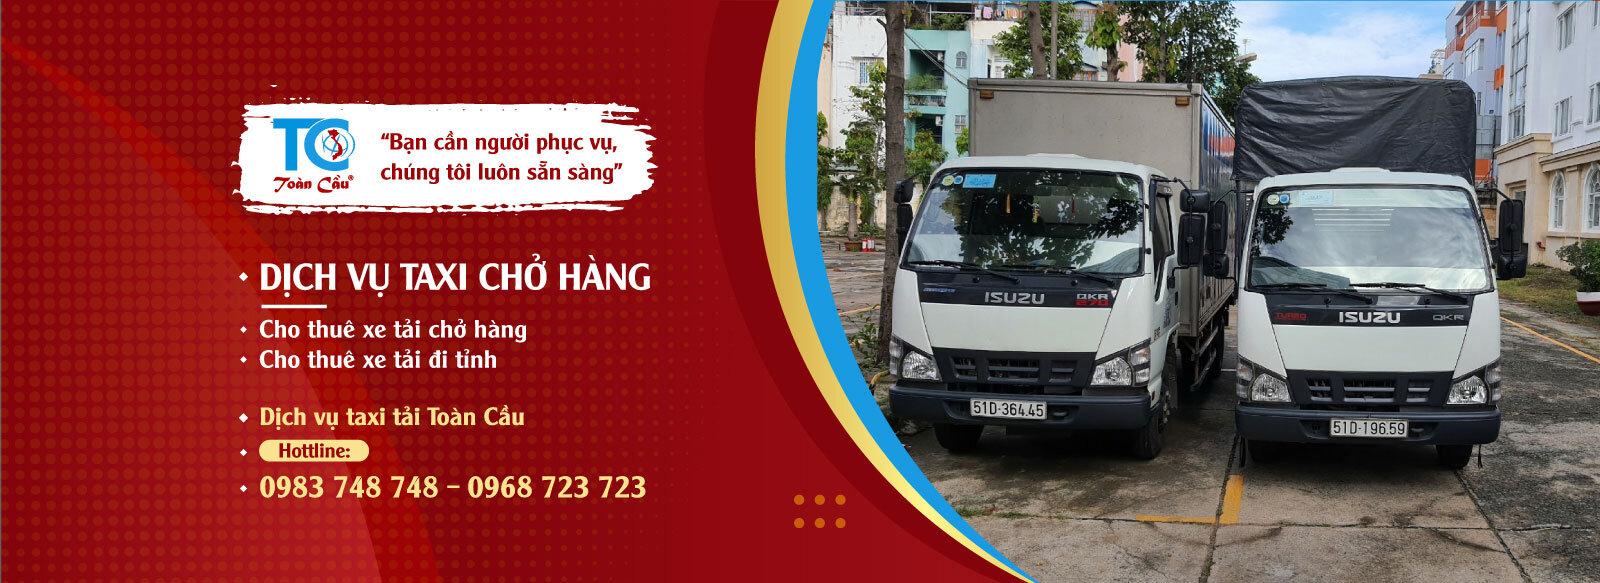 Dịch vụ cho thuê xe tải chở hàng giá rẻ nhất